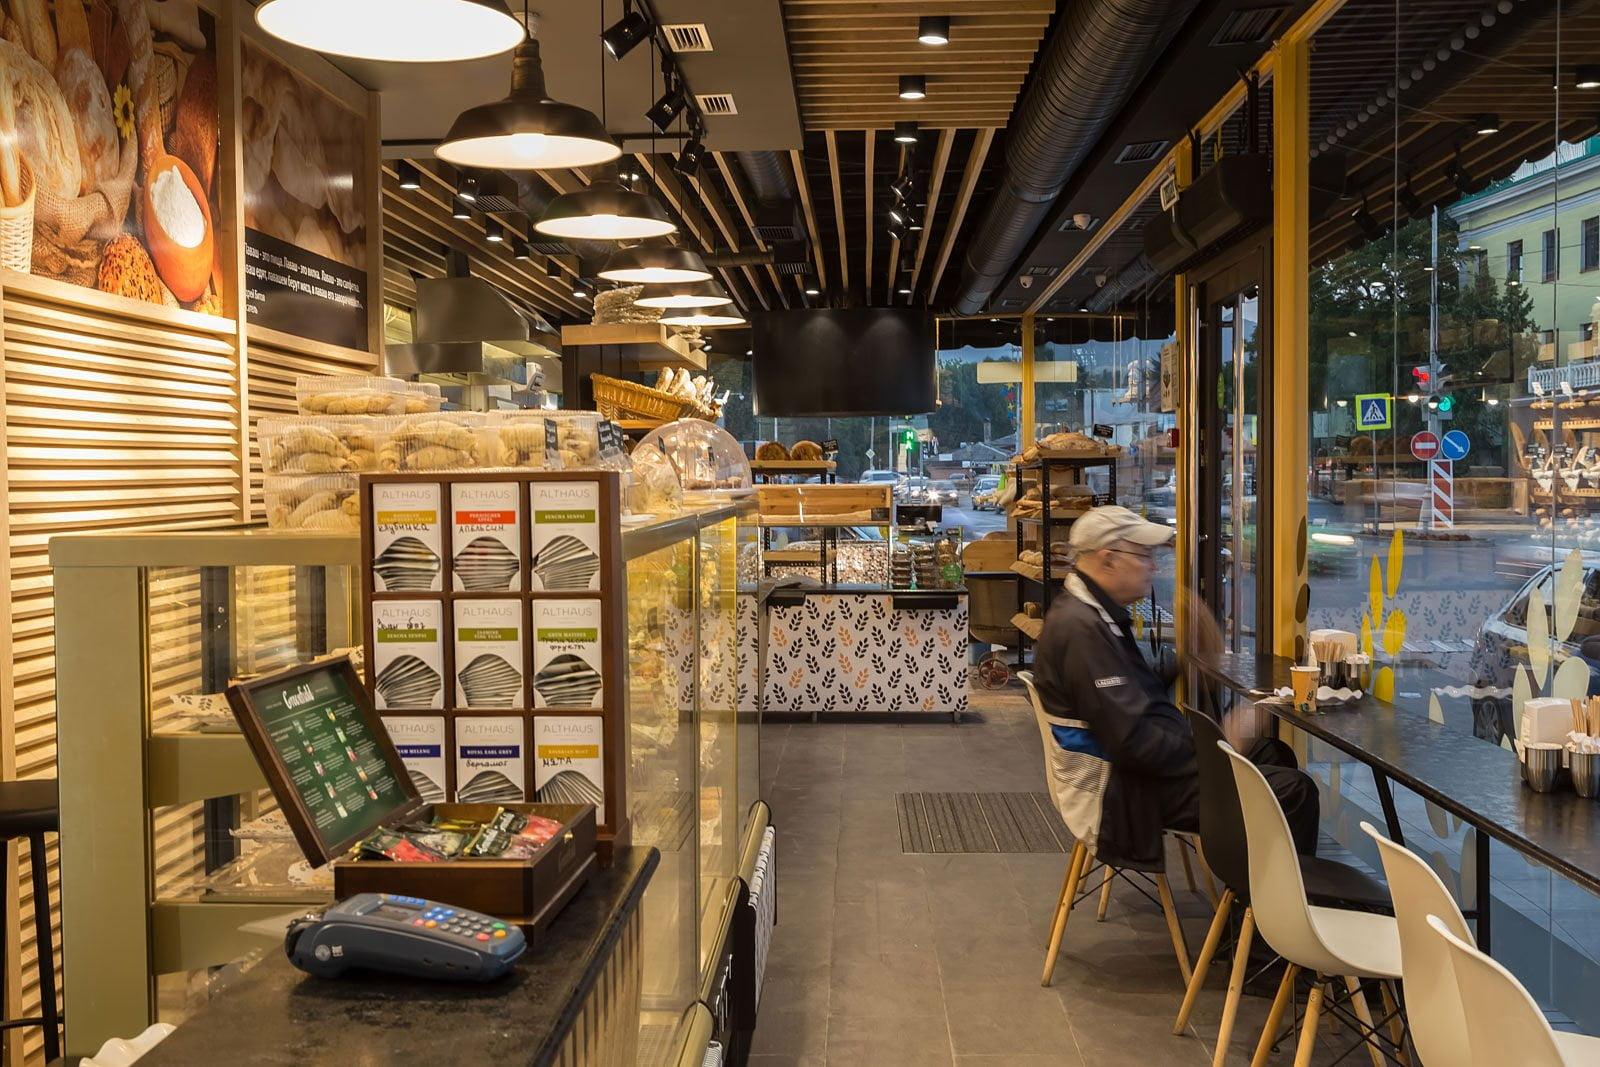 foto sprava vnutrennego inter'yera kafe v pekarne s posetitelem